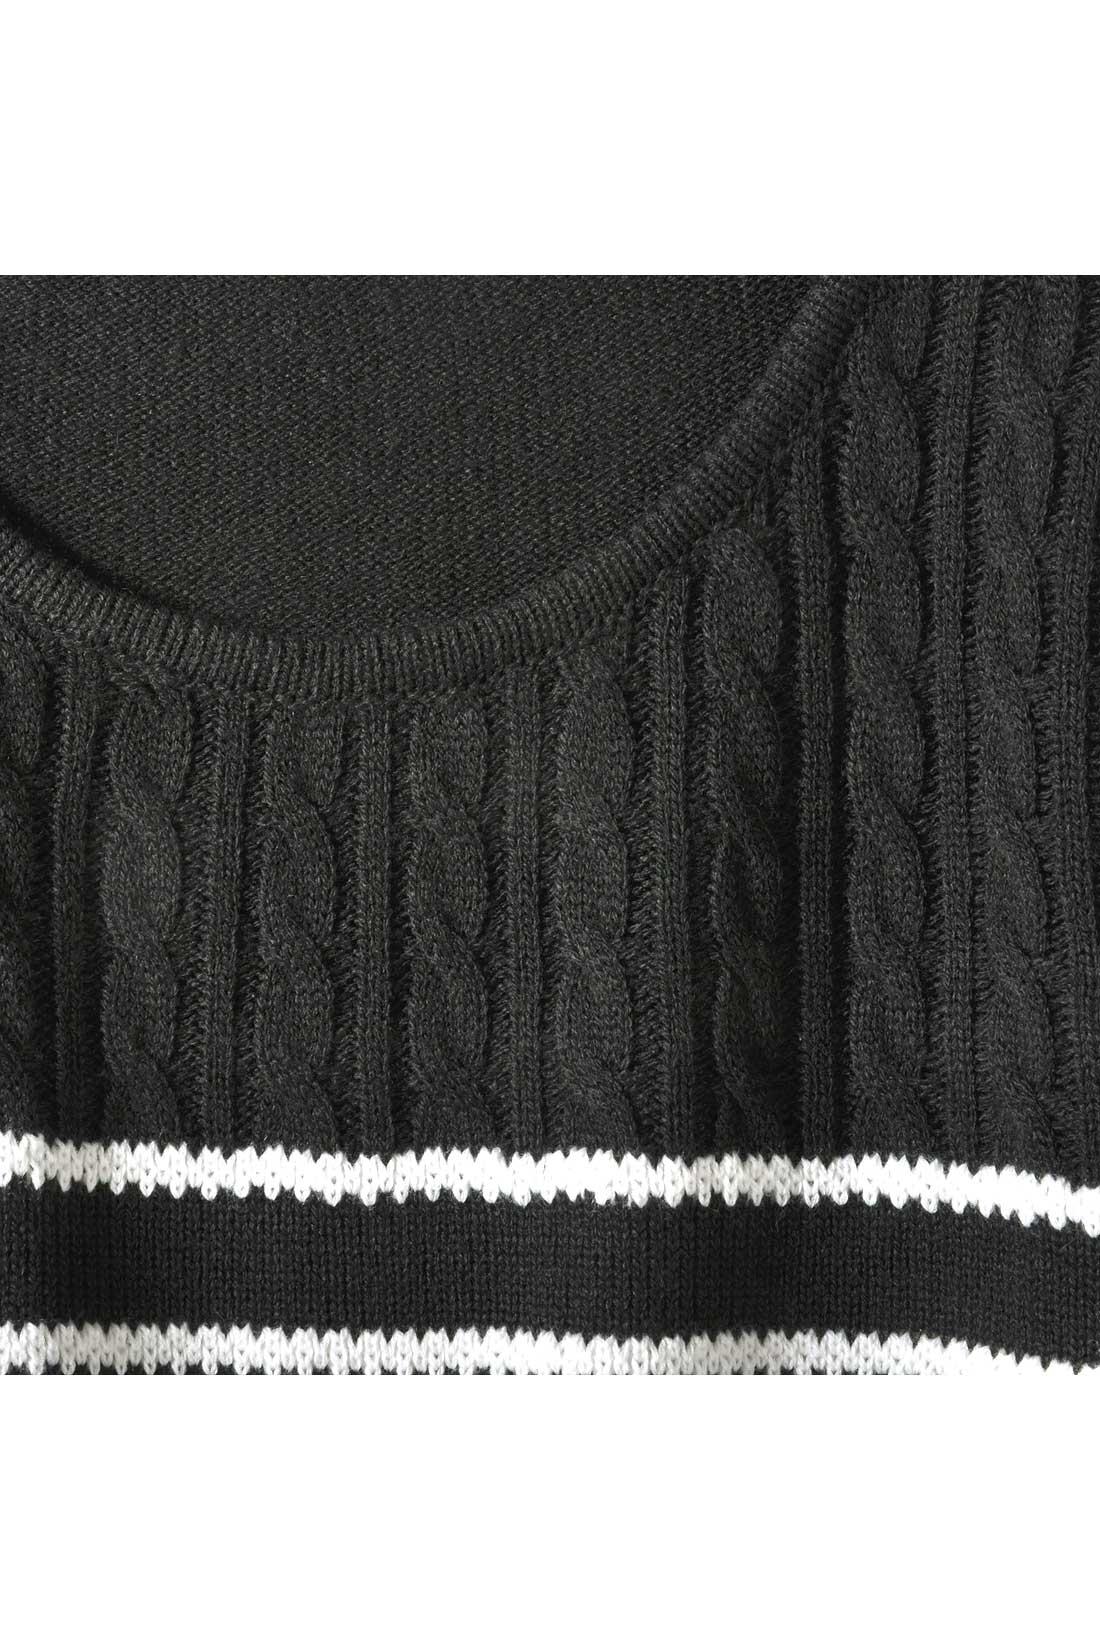 胸上はケーブル編みで大人っぽく仕上げました。